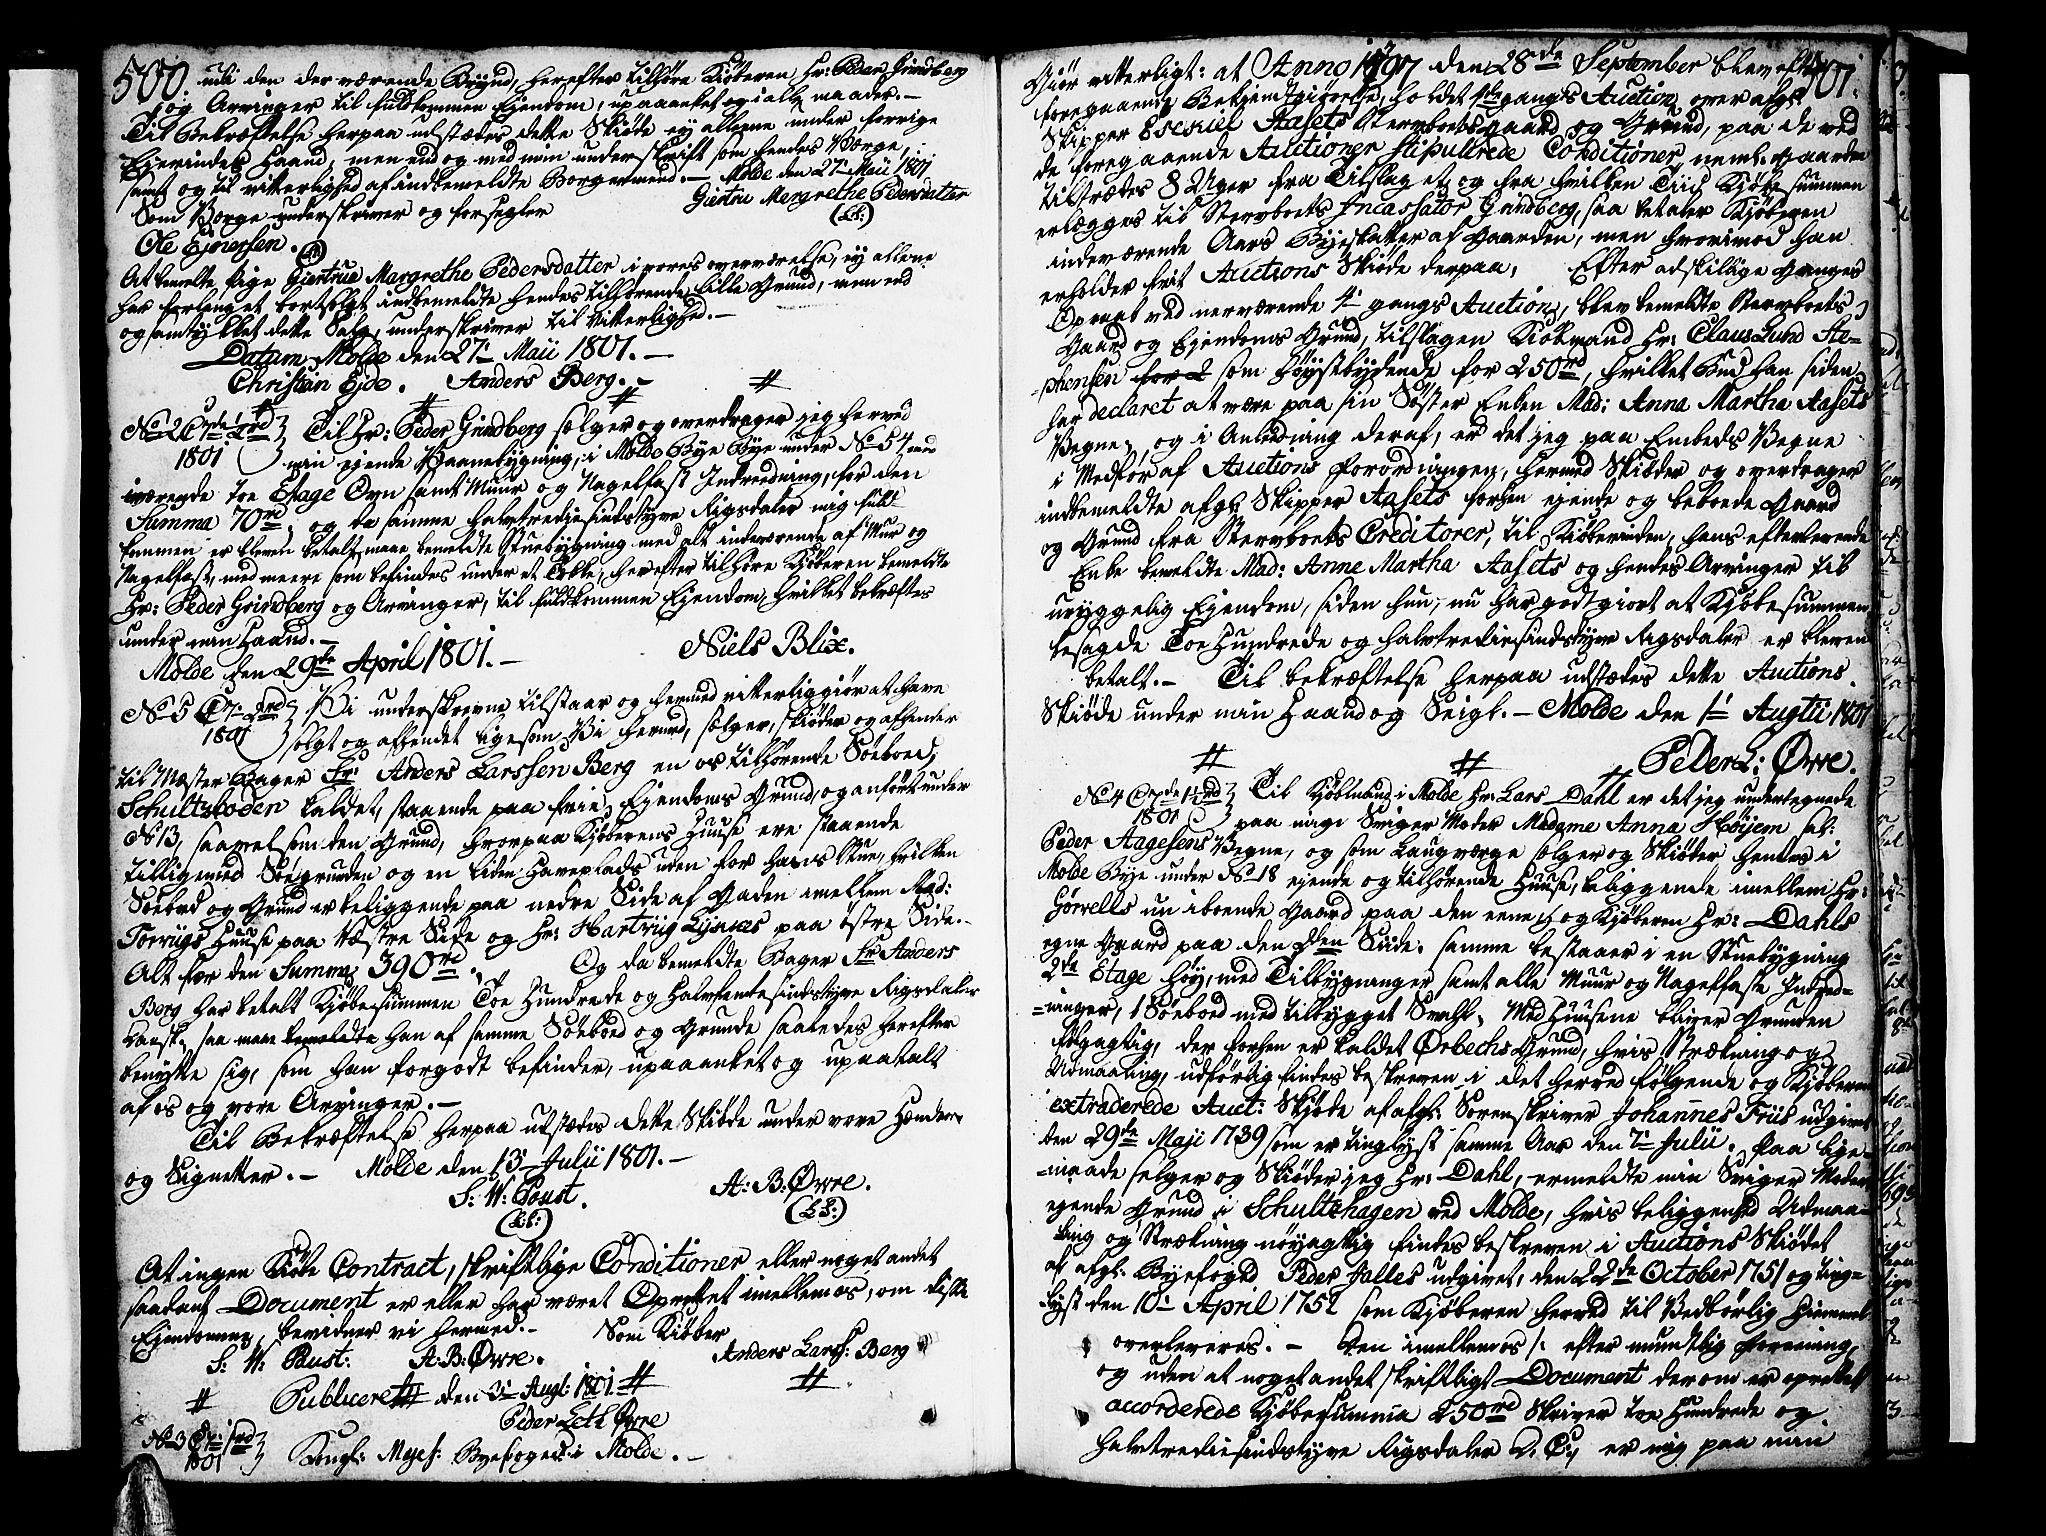 SAT, Molde byfogd, 2C/L0001: Pantebok nr. 1, 1748-1823, s. 500-501